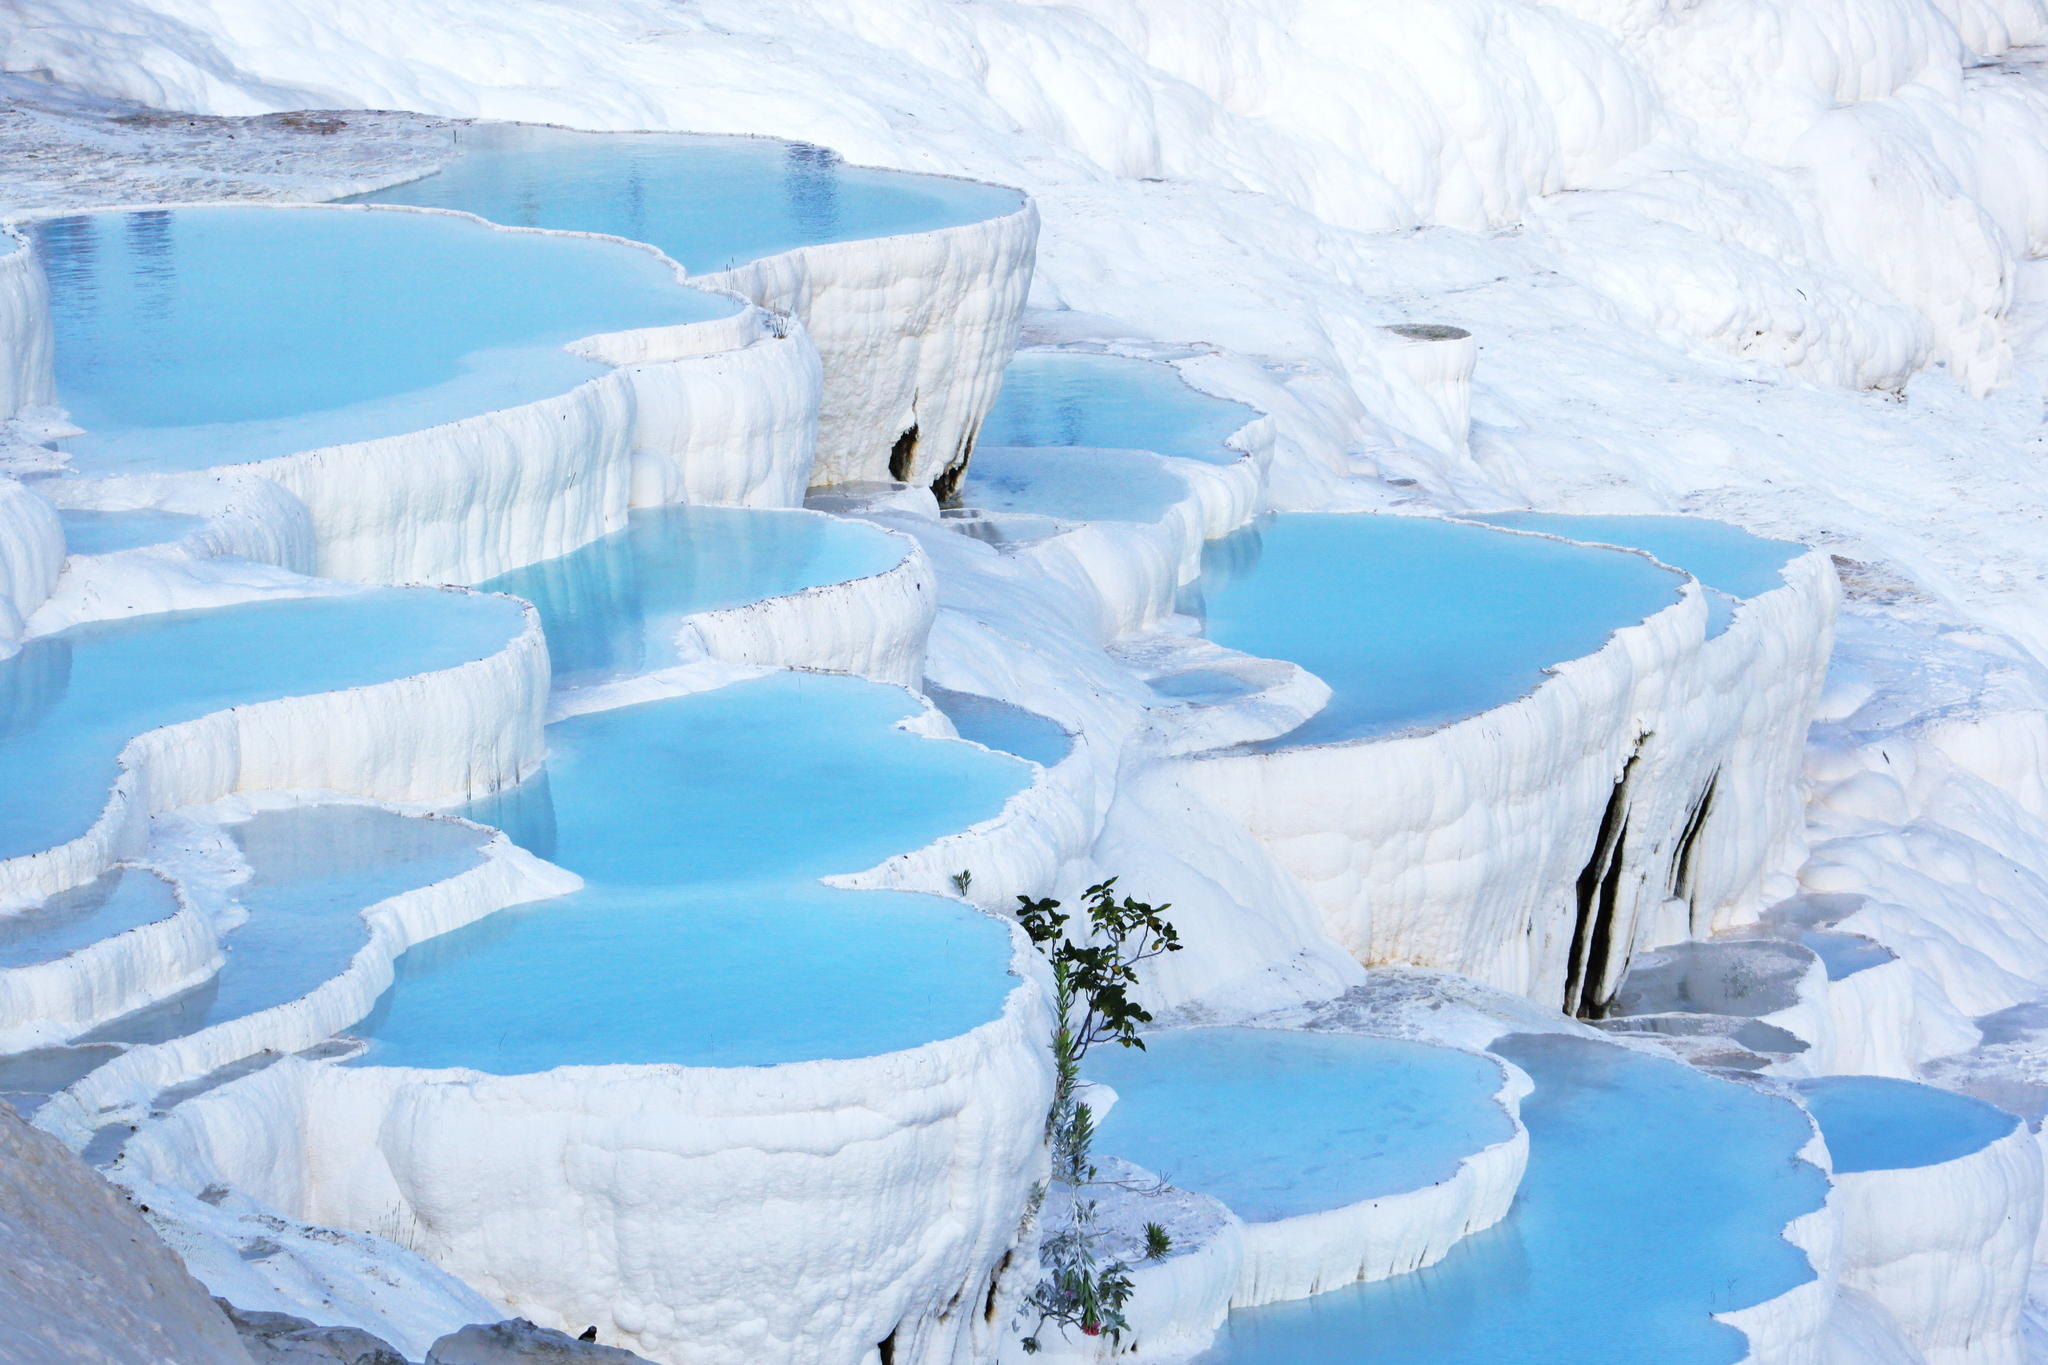 piscinas naturais mais incríveis do mundo - pamukkale